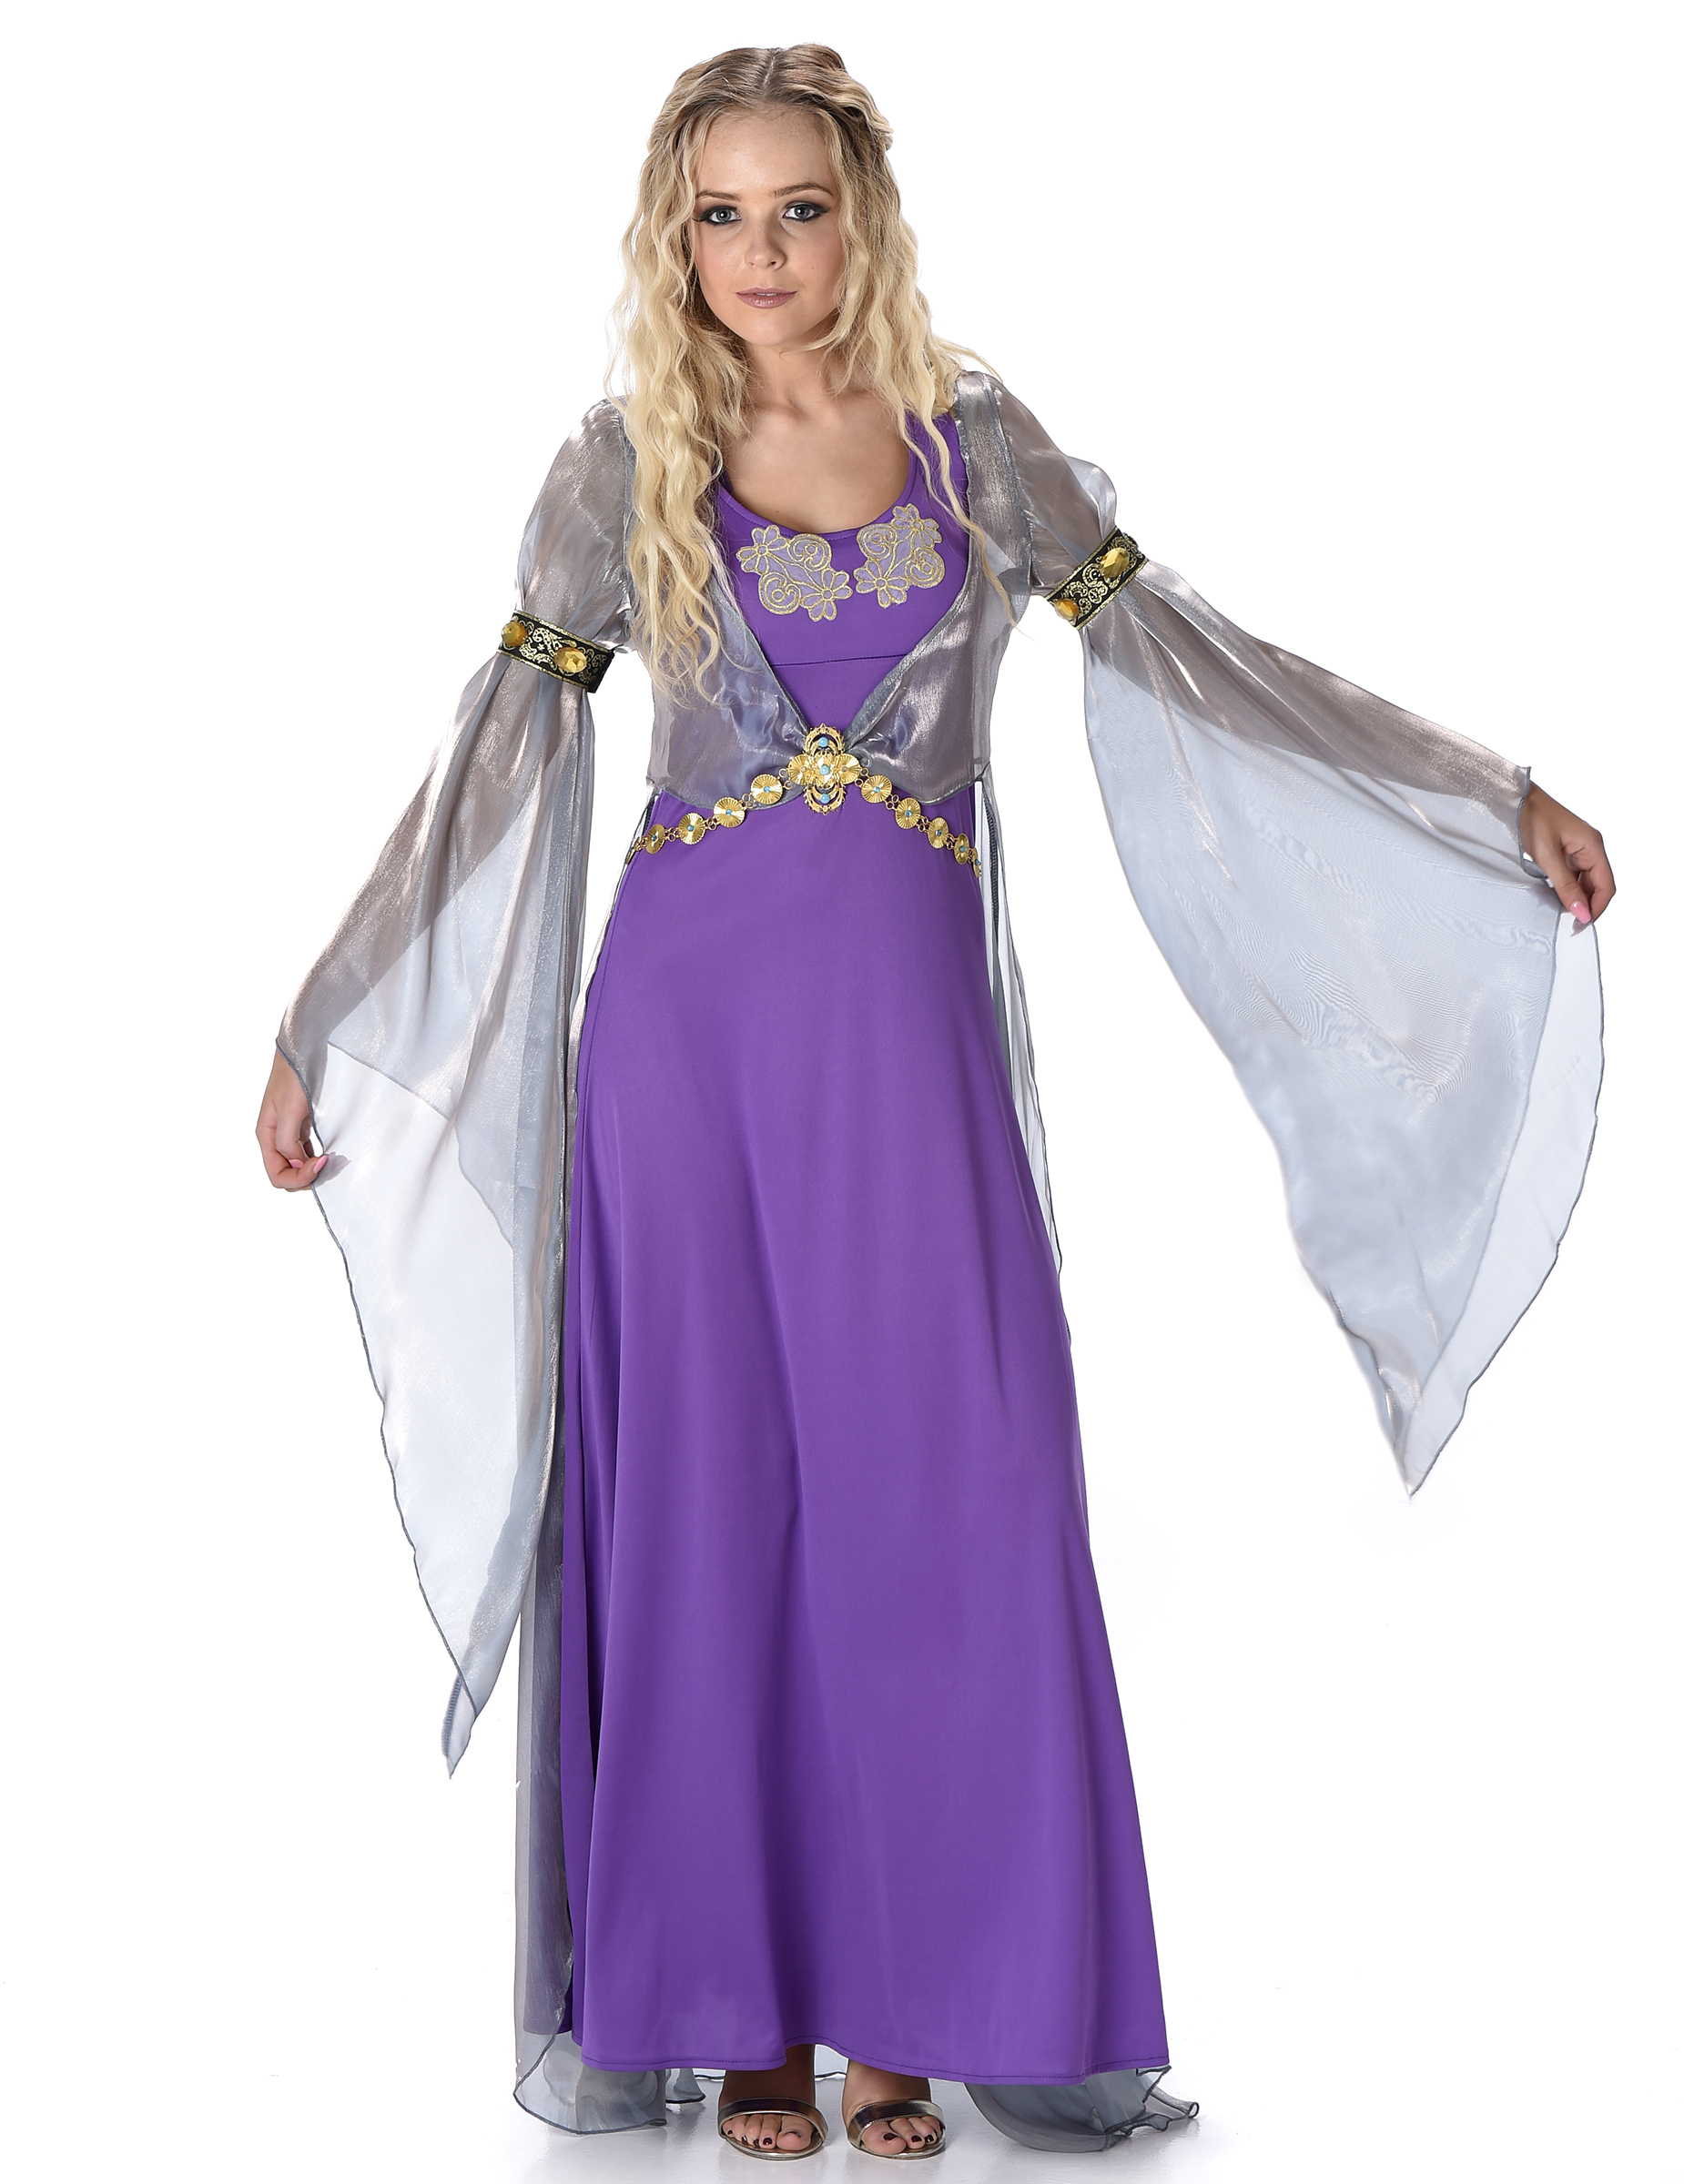 Disfraces de princesa para adultos, venta online en vegaoo.es